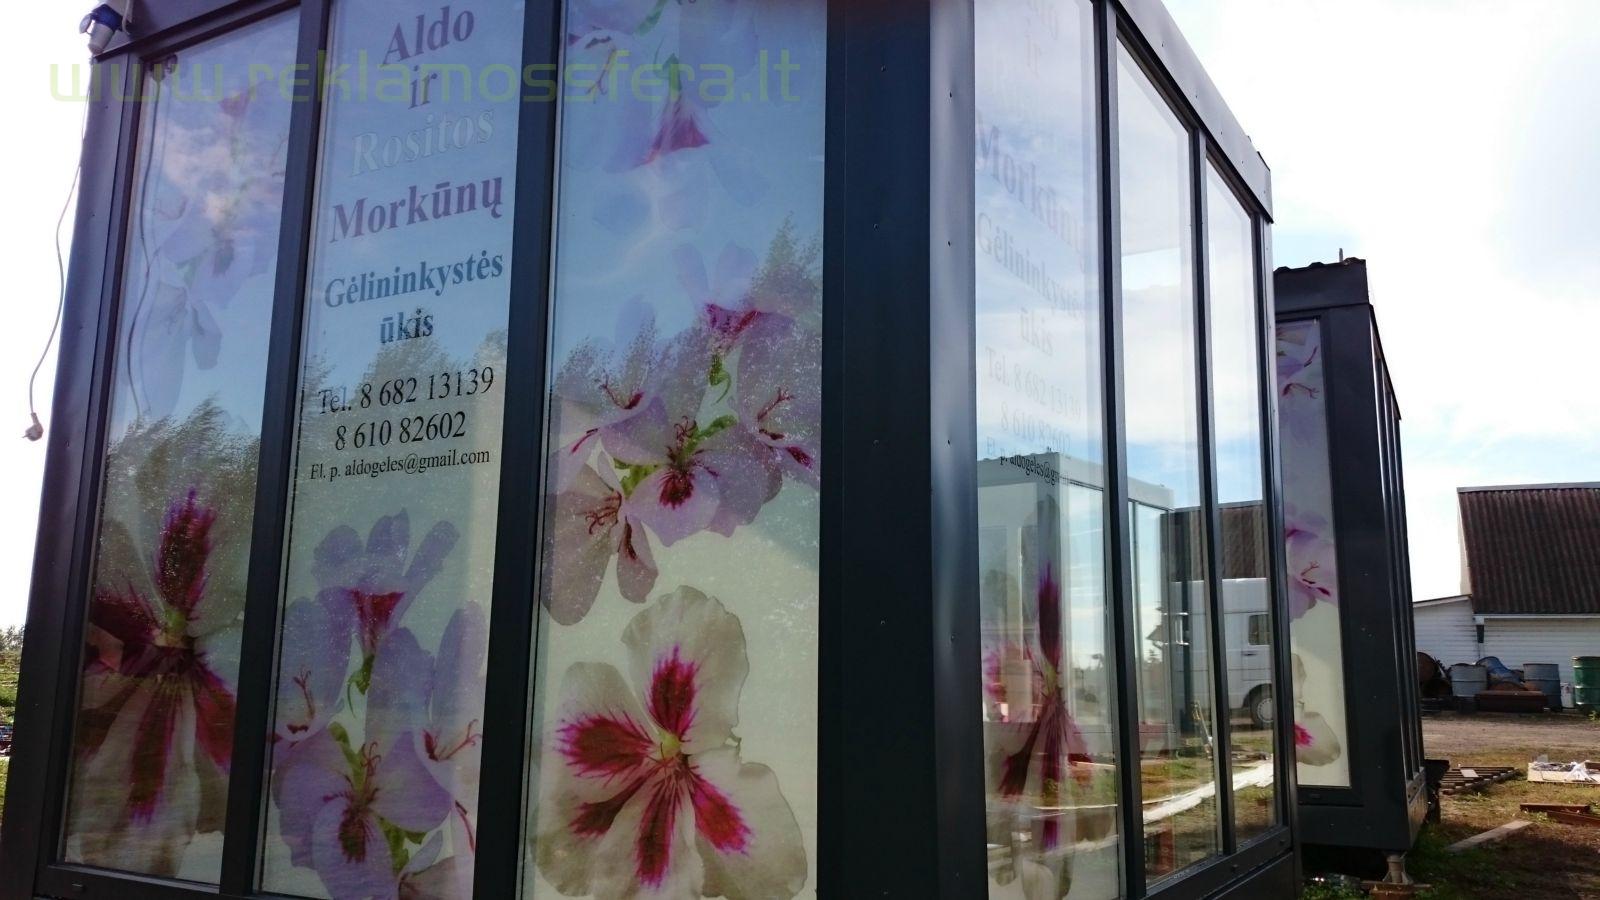 Gėlių prekybos kioskų apipavidalinimas